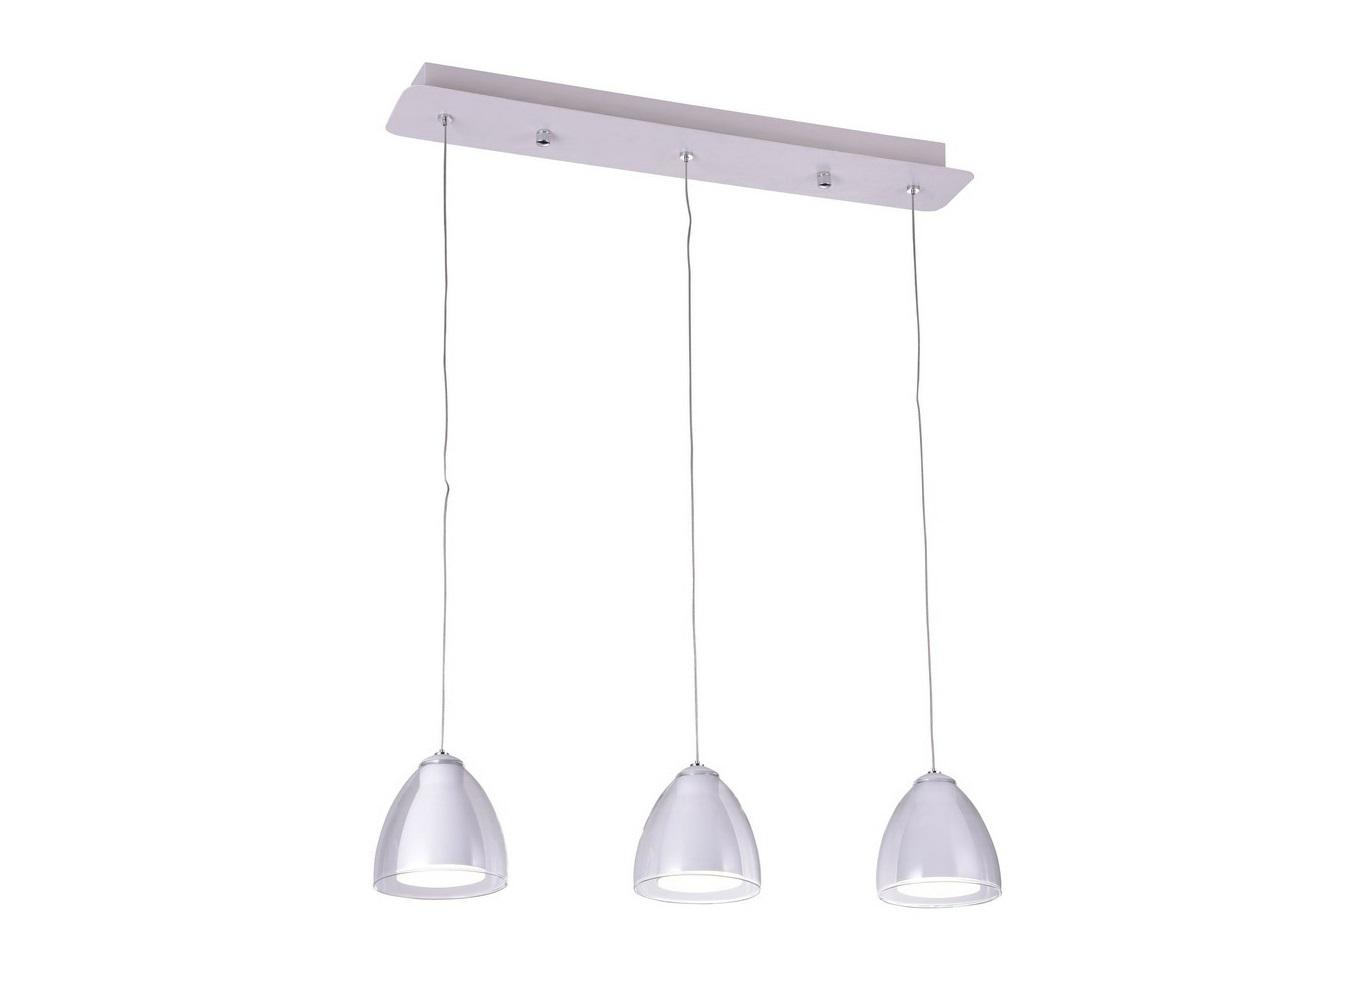 Светильник подвесной MirellaПодвесные светильники<br>Светодиодный подвесной светильник в стиле Хай-Тек. Светильник со встроенной светодиодной матрицей общей мощностью 9W (Эквивалент лампы накаливания 60 W). Цветовая температура 4000-4200К. <br>Высоту подвеса светильника можно регулировать от 20см до 100см.<br>Светильник поставляется в собранном виде и имеет в комплекте все необходимые для монтажа крепежные элементы.&amp;lt;div&amp;gt;&amp;lt;br&amp;gt;&amp;lt;/div&amp;gt;&amp;lt;div&amp;gt;&amp;lt;div&amp;gt;Цоколь: LED&amp;lt;/div&amp;gt;&amp;lt;div&amp;gt;Мощность лампы: 9W&amp;lt;/div&amp;gt;&amp;lt;div&amp;gt;Количество ламп: 3&amp;lt;/div&amp;gt;&amp;lt;/div&amp;gt;<br><br>Material: Металл<br>Width см: 60<br>Depth см: 10<br>Height см: 100